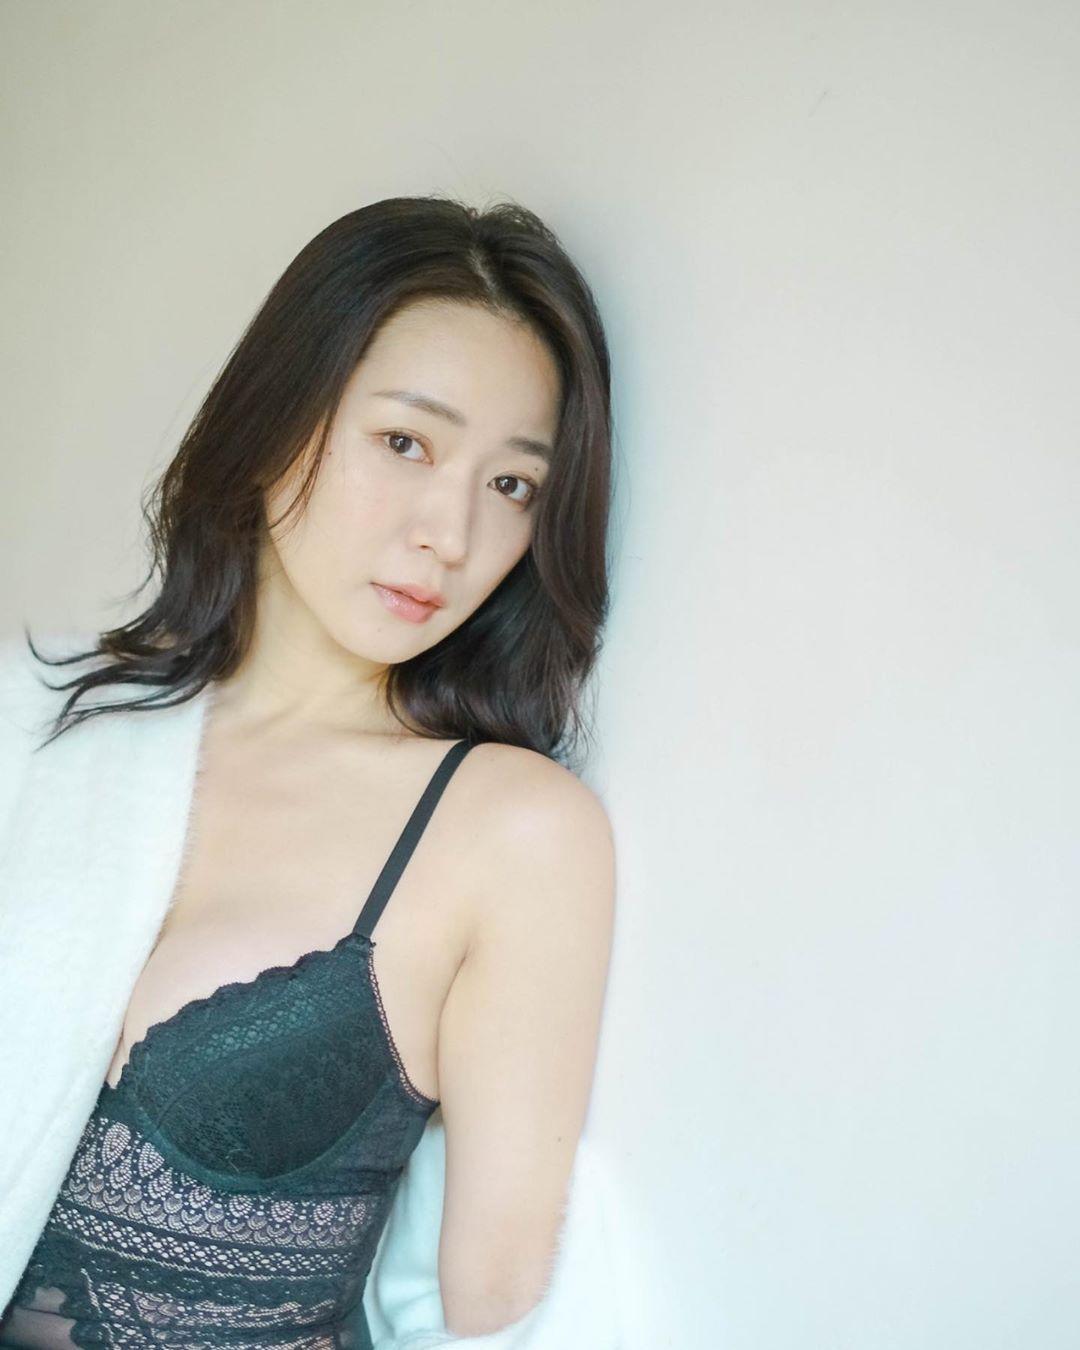 日本31岁女星阶户瑠李病逝,出演过《全裸导演》等作品 第10张